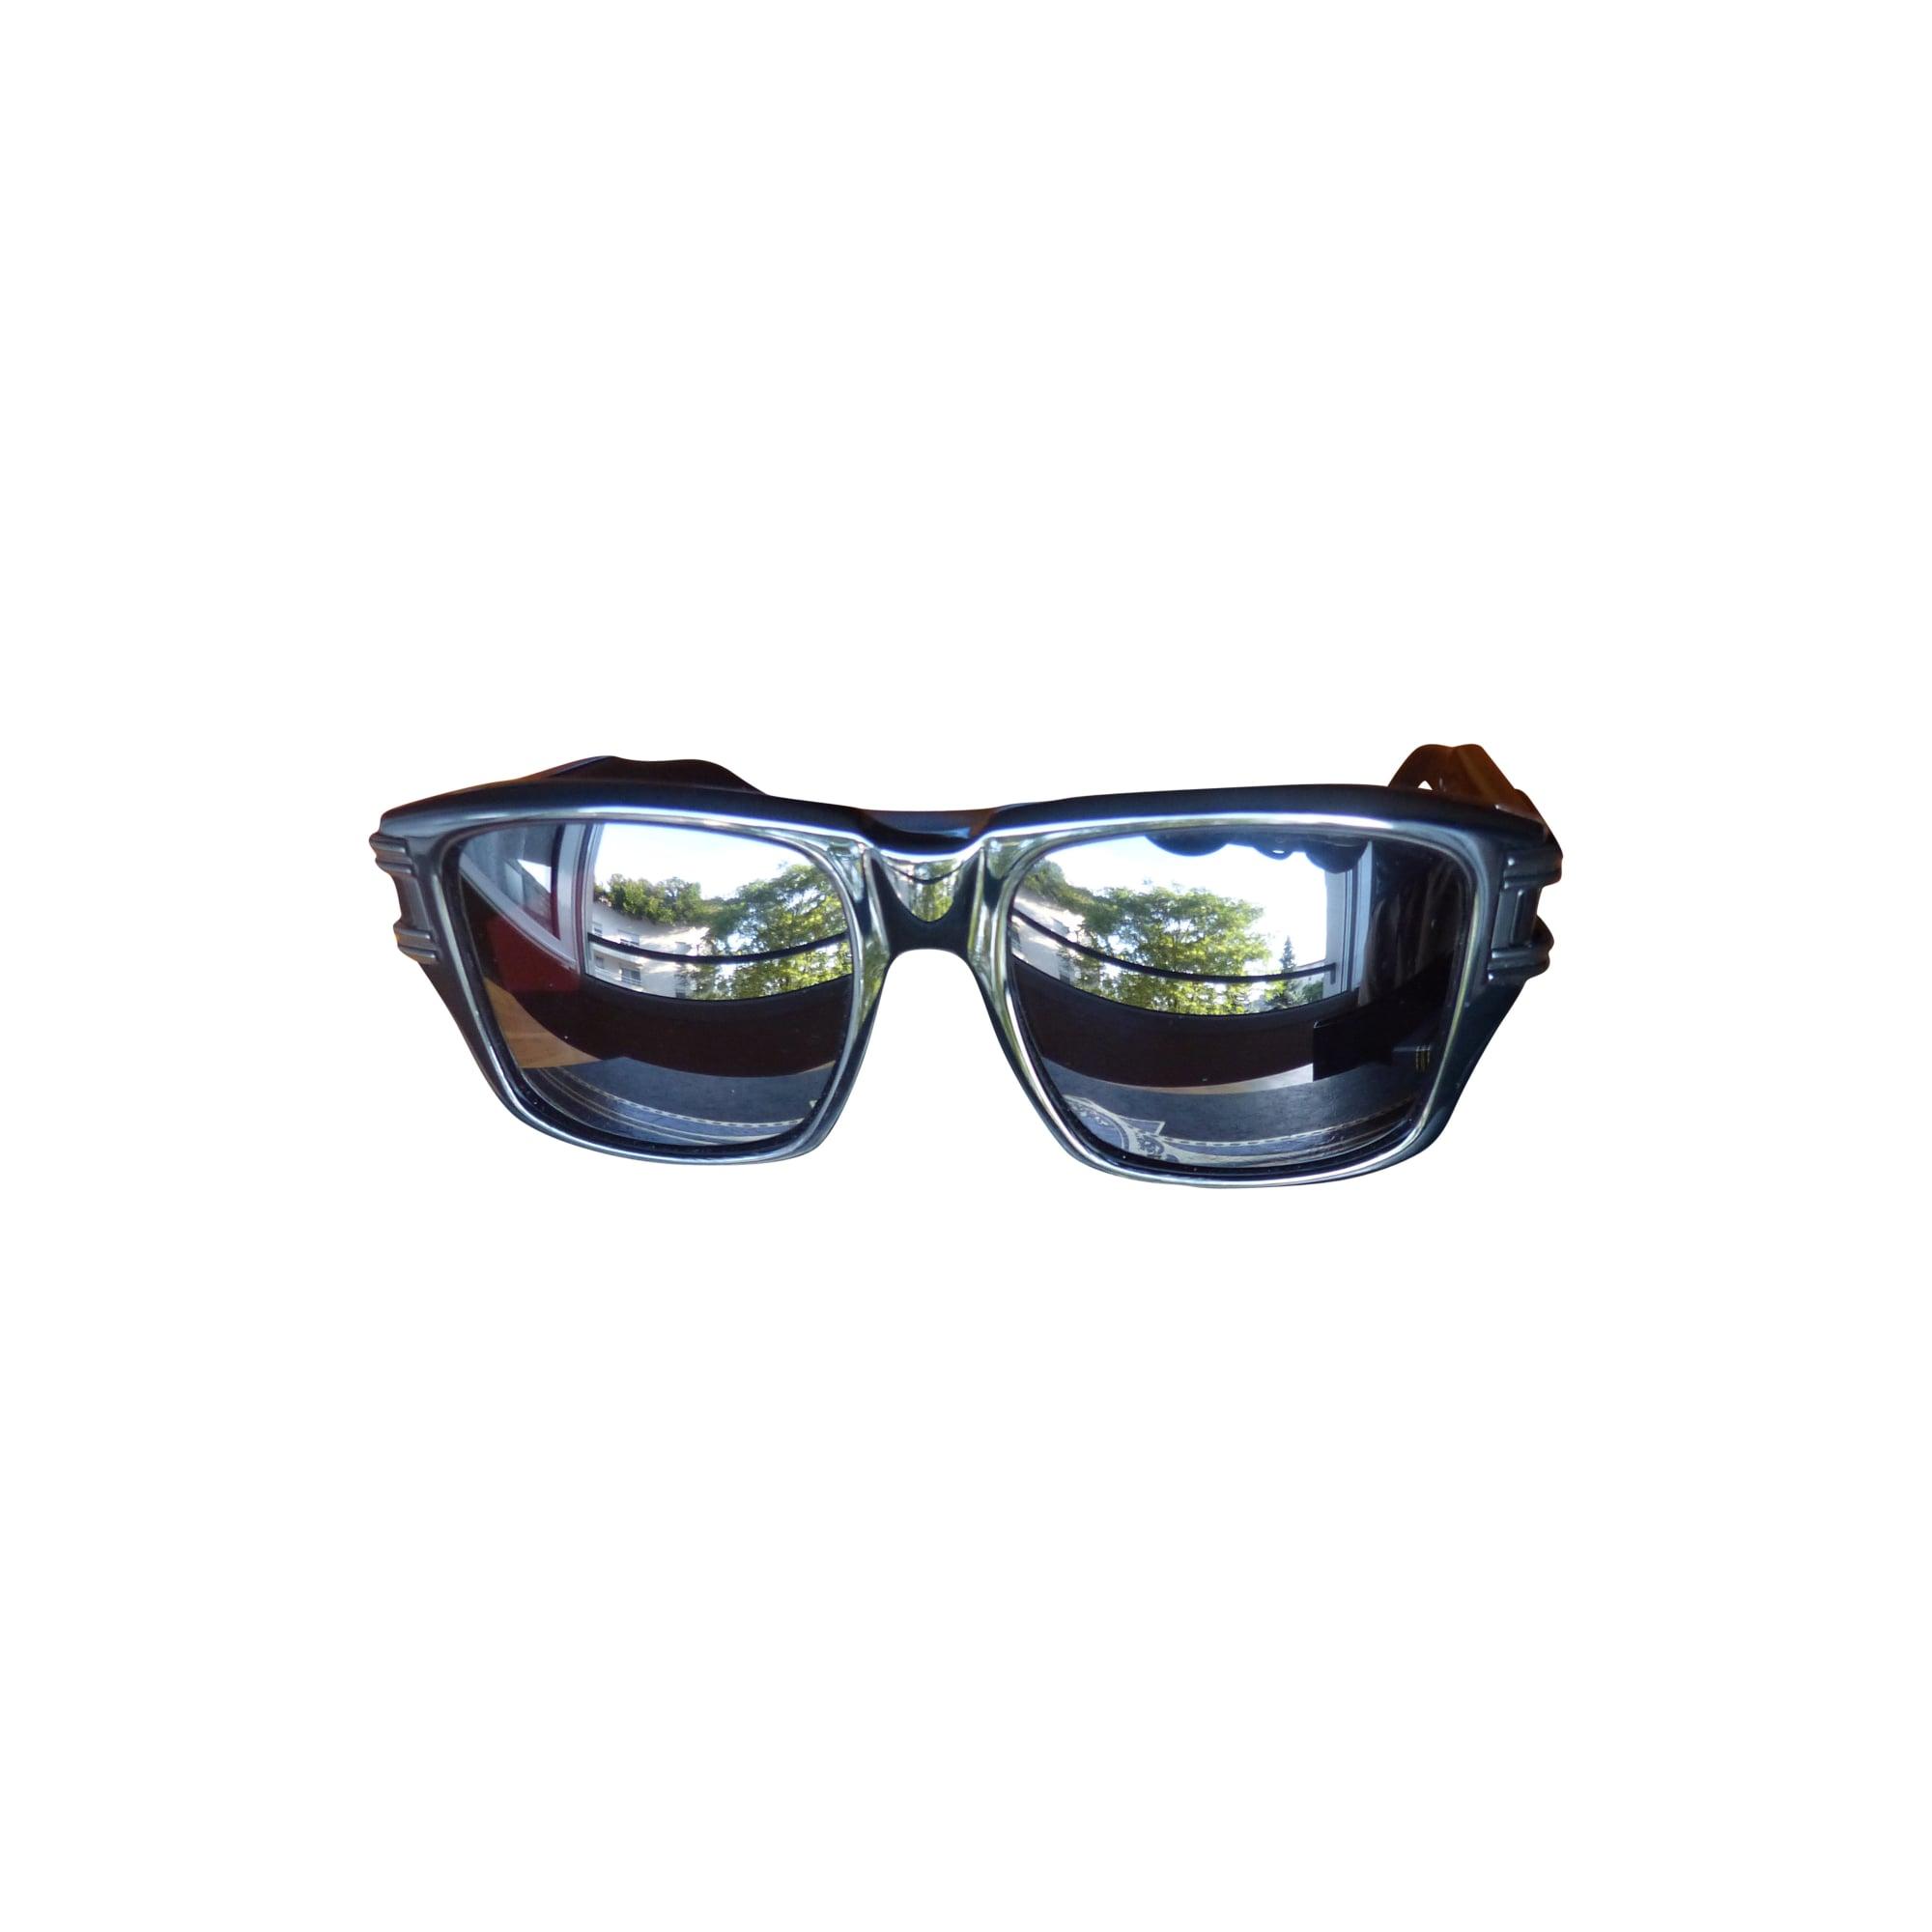 Lunettes de soleil DITA noir vendu par Jonathan 21434142 - 1502932 3ea9bd984716